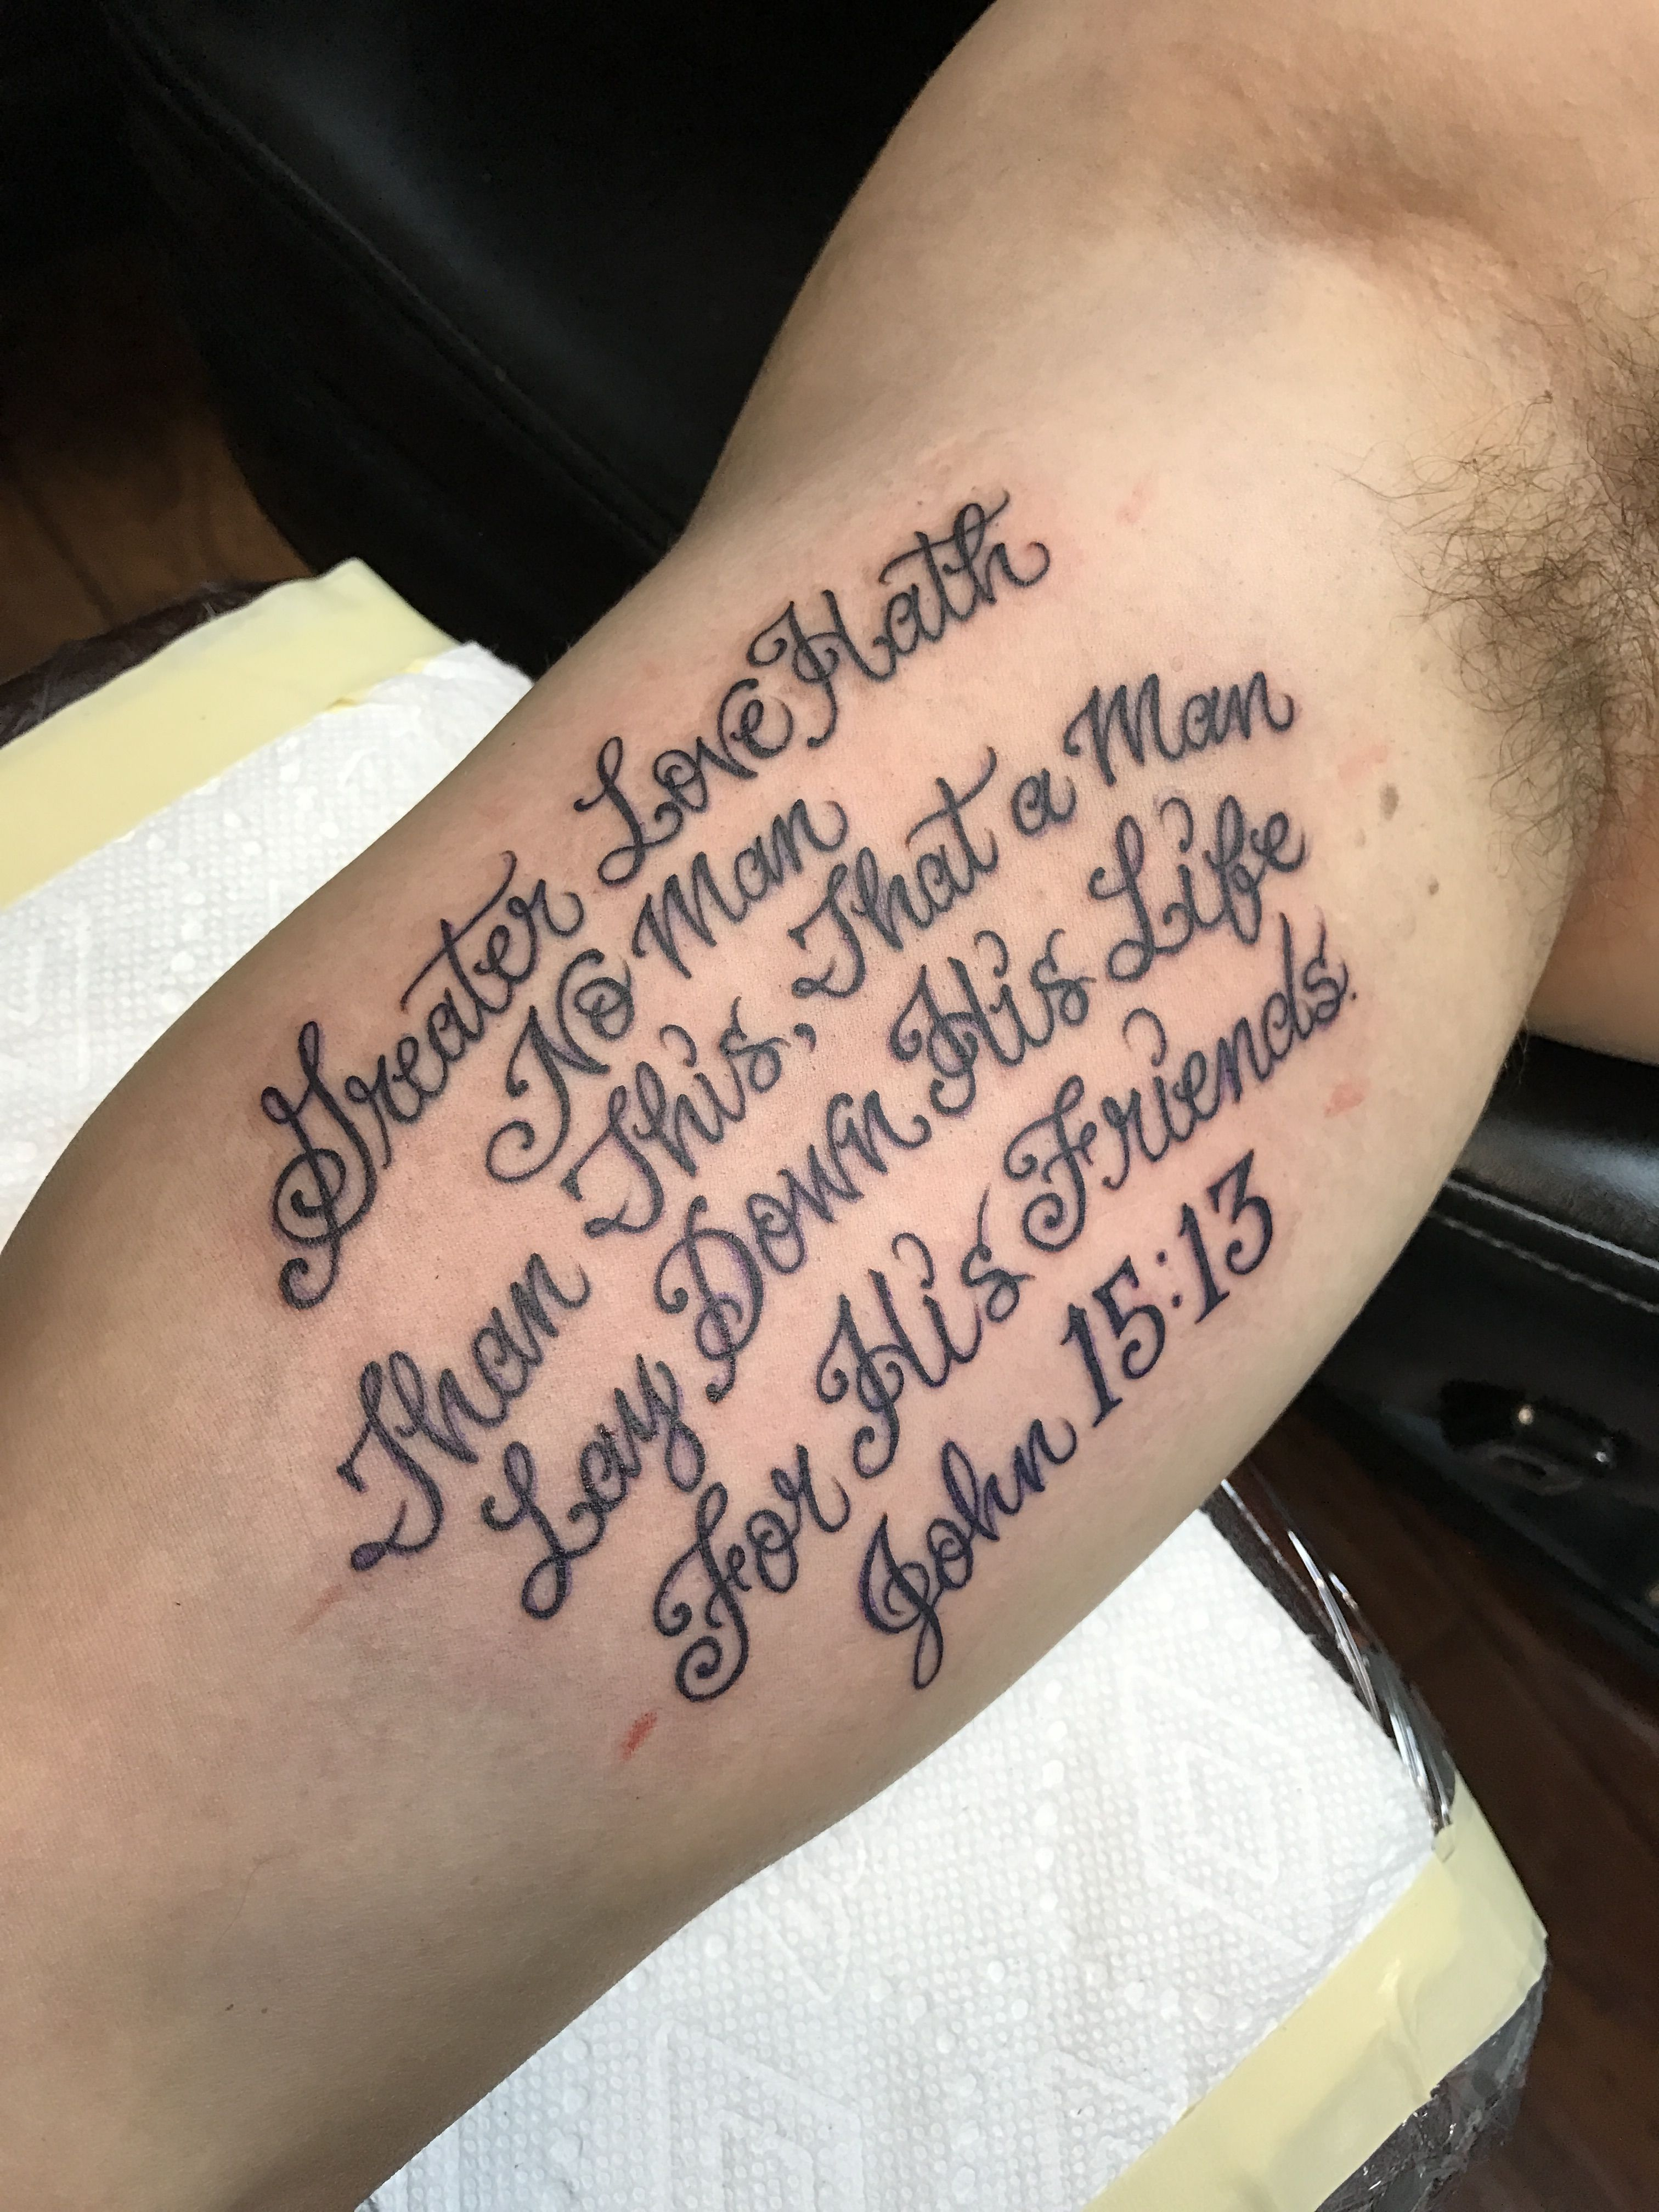 John 15 13 Bible Verse Tattoos Verse Tattoos Tattoos For Guys